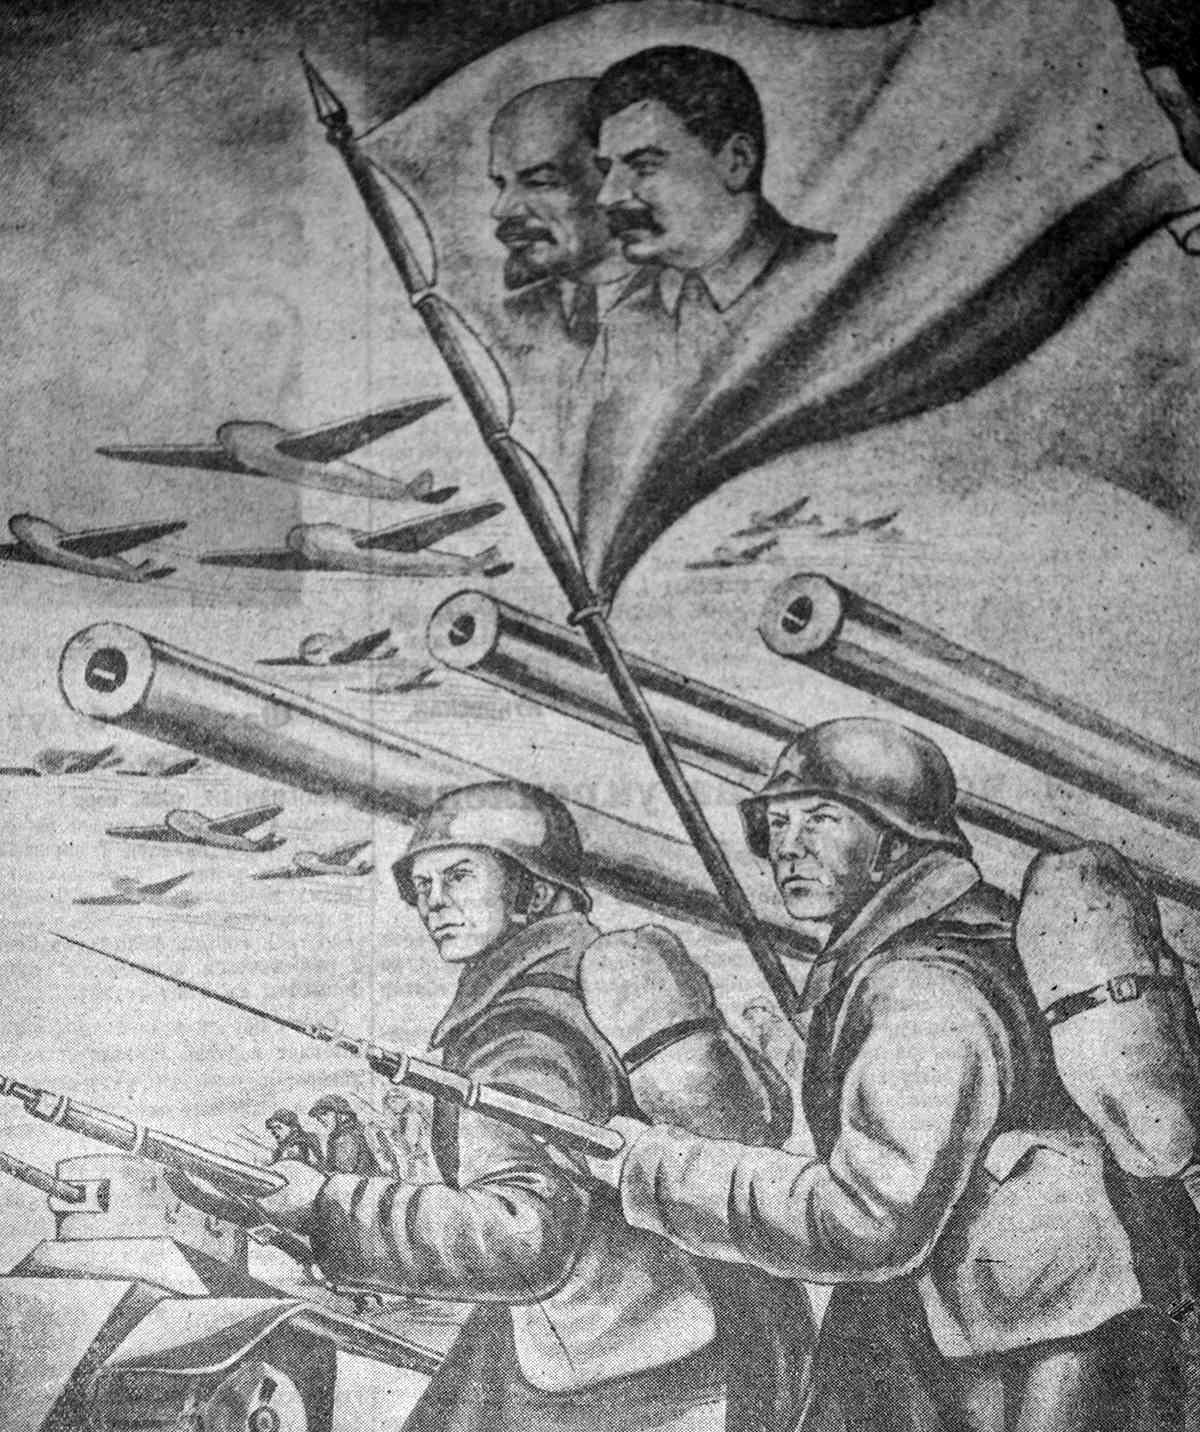 Putin recomendó prohibir equiparar a la URSS con Alemania Nazi en los años de la Segunda Guerra Mundial